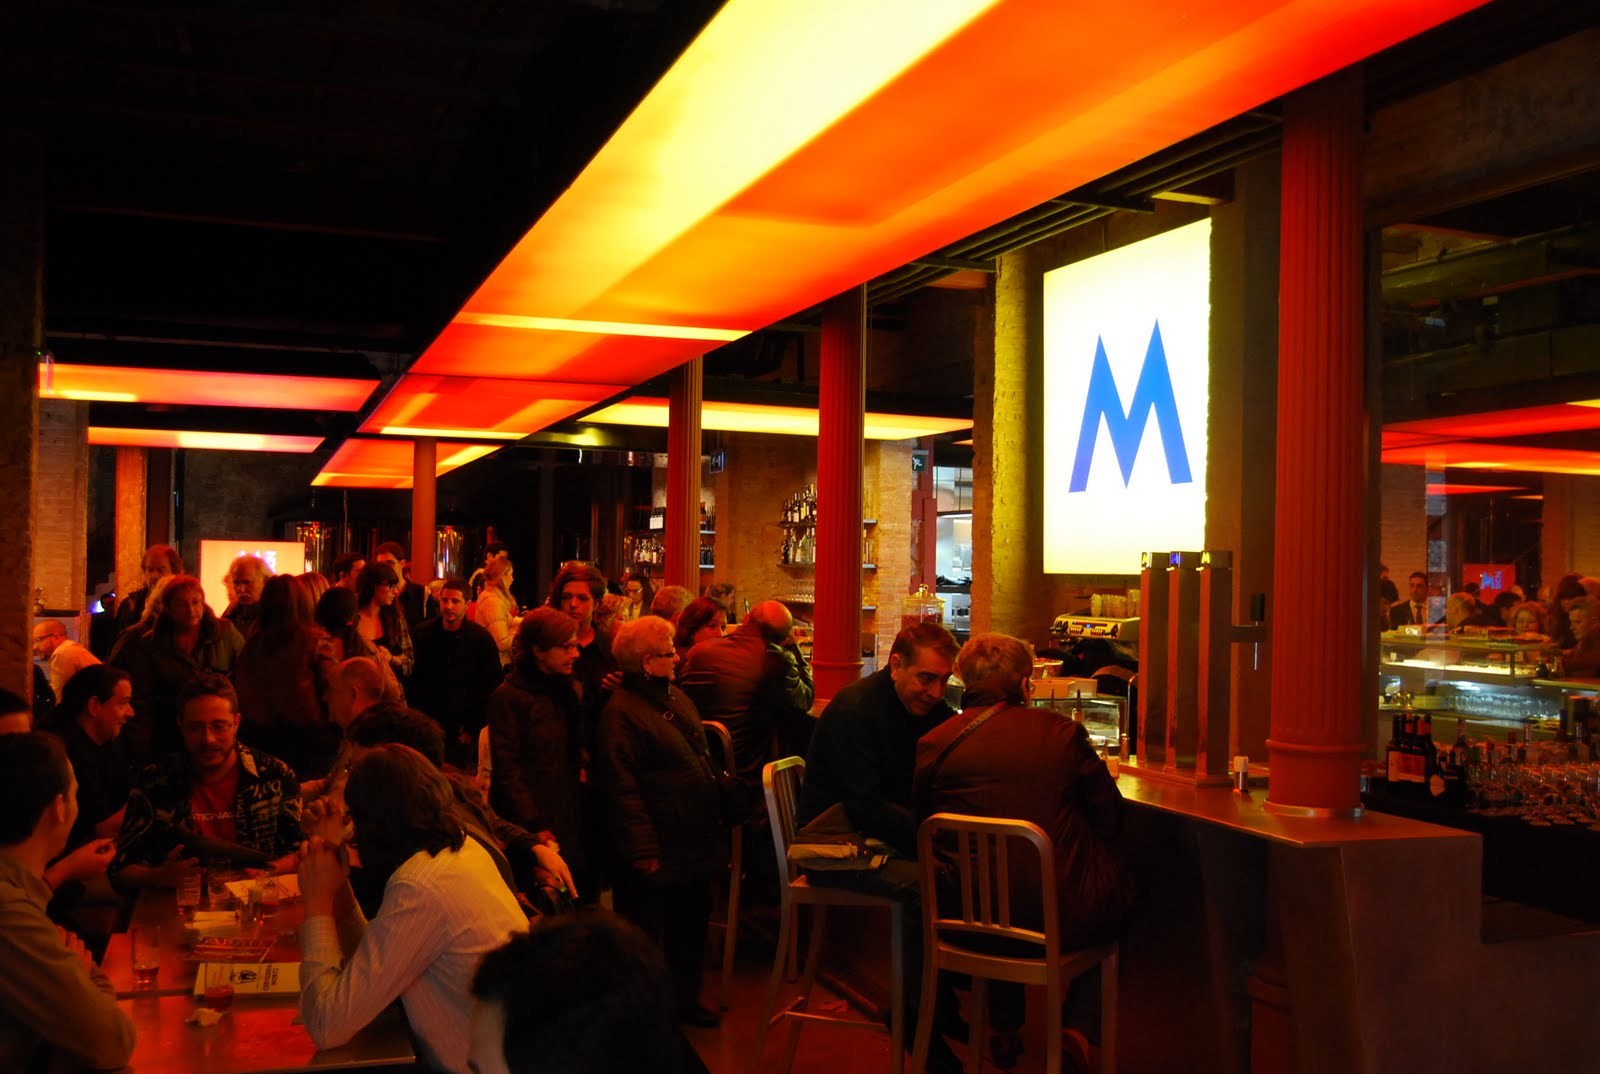 Que faire barcelone en dehors de gaudi nos bonnes adresses - Moritz ronda sant antoni ...